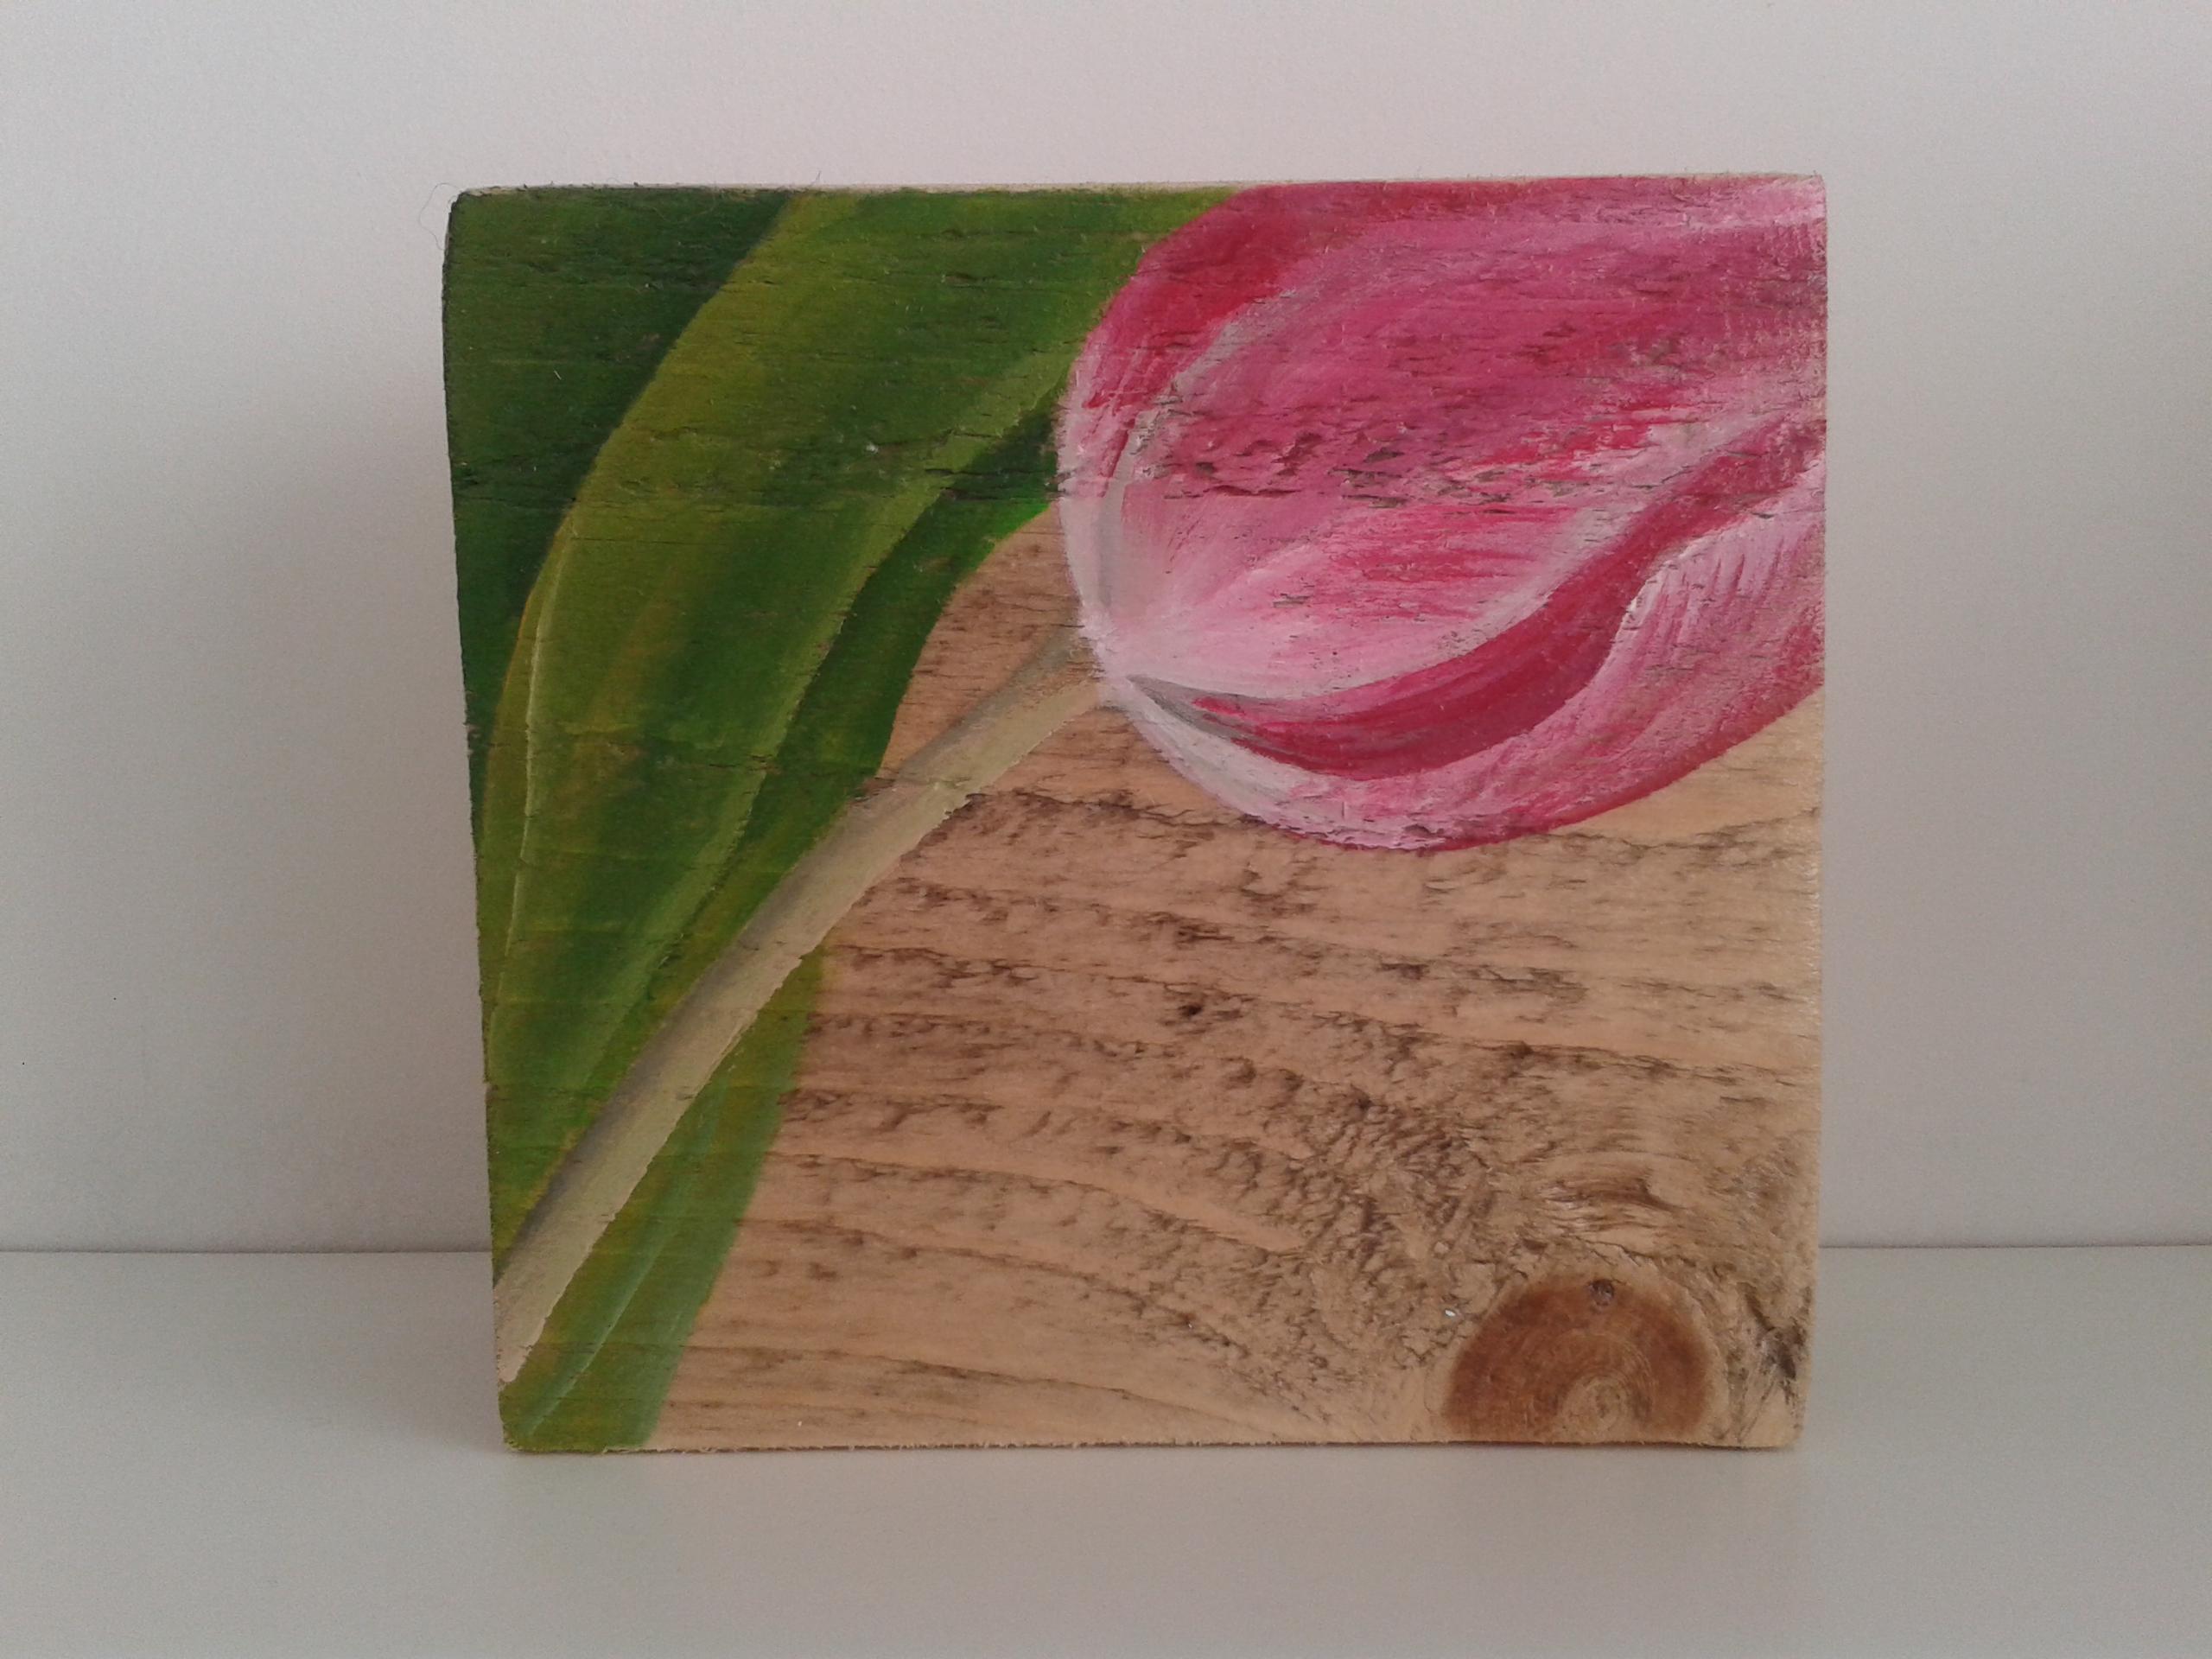 Roze tulpje